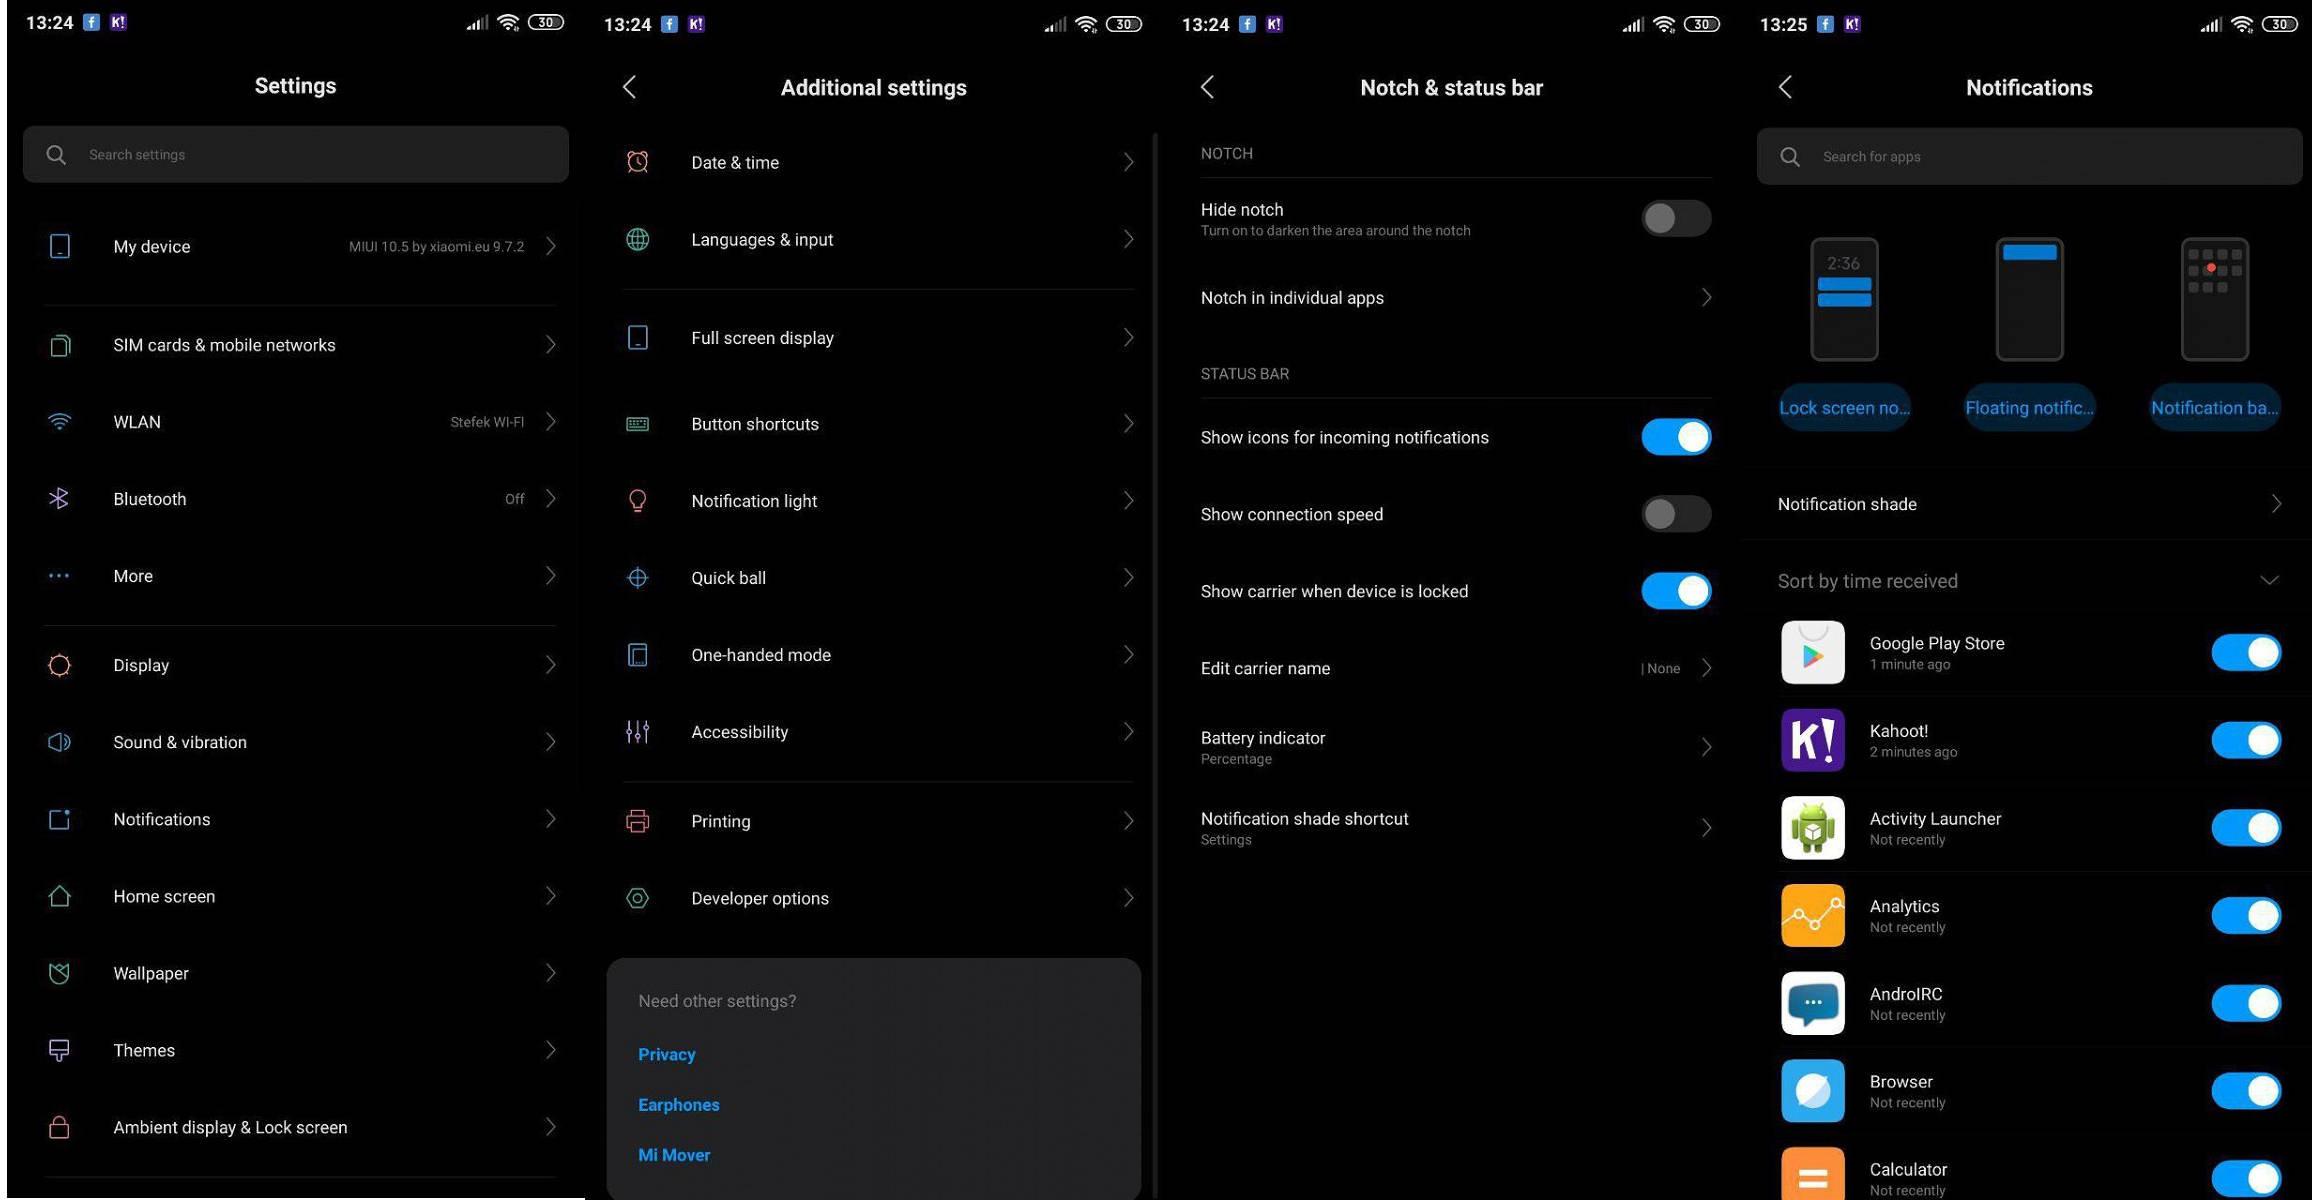 MIUI 10 Beta 11 Xiaomi REdmi aktualizacja przebudowane ustawienia nowy menedżer haseł